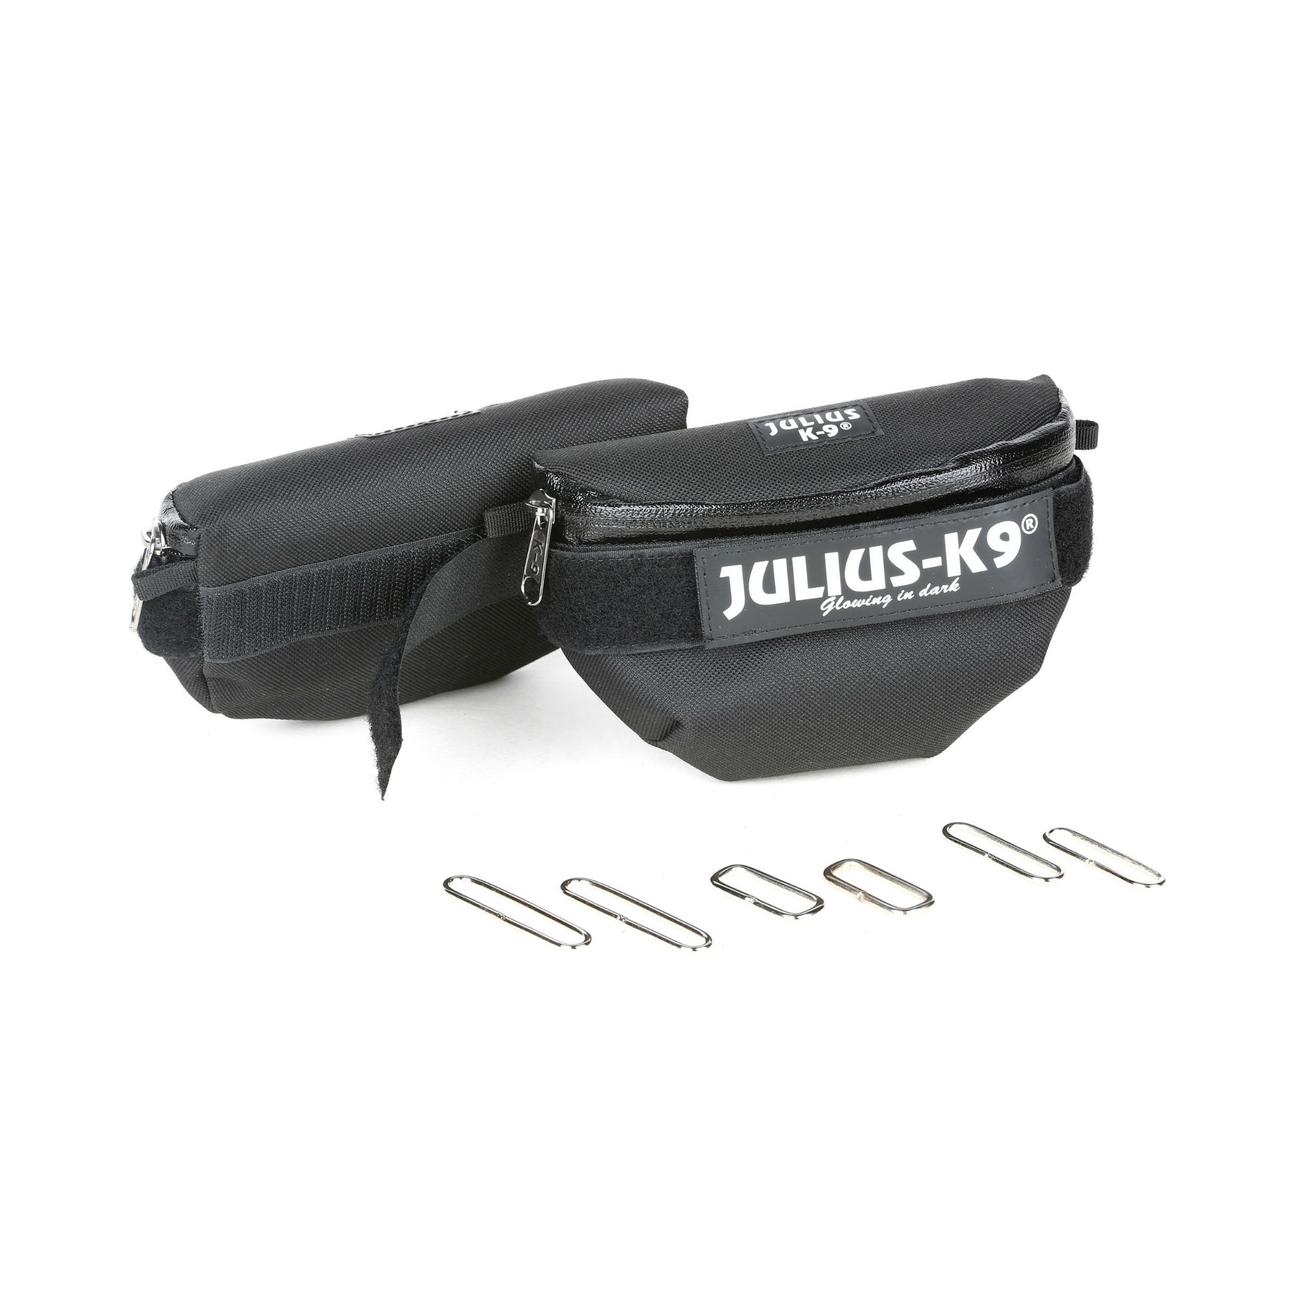 Julius K9 Universal Seitentasche für IDC-Geschirre, Bild 5